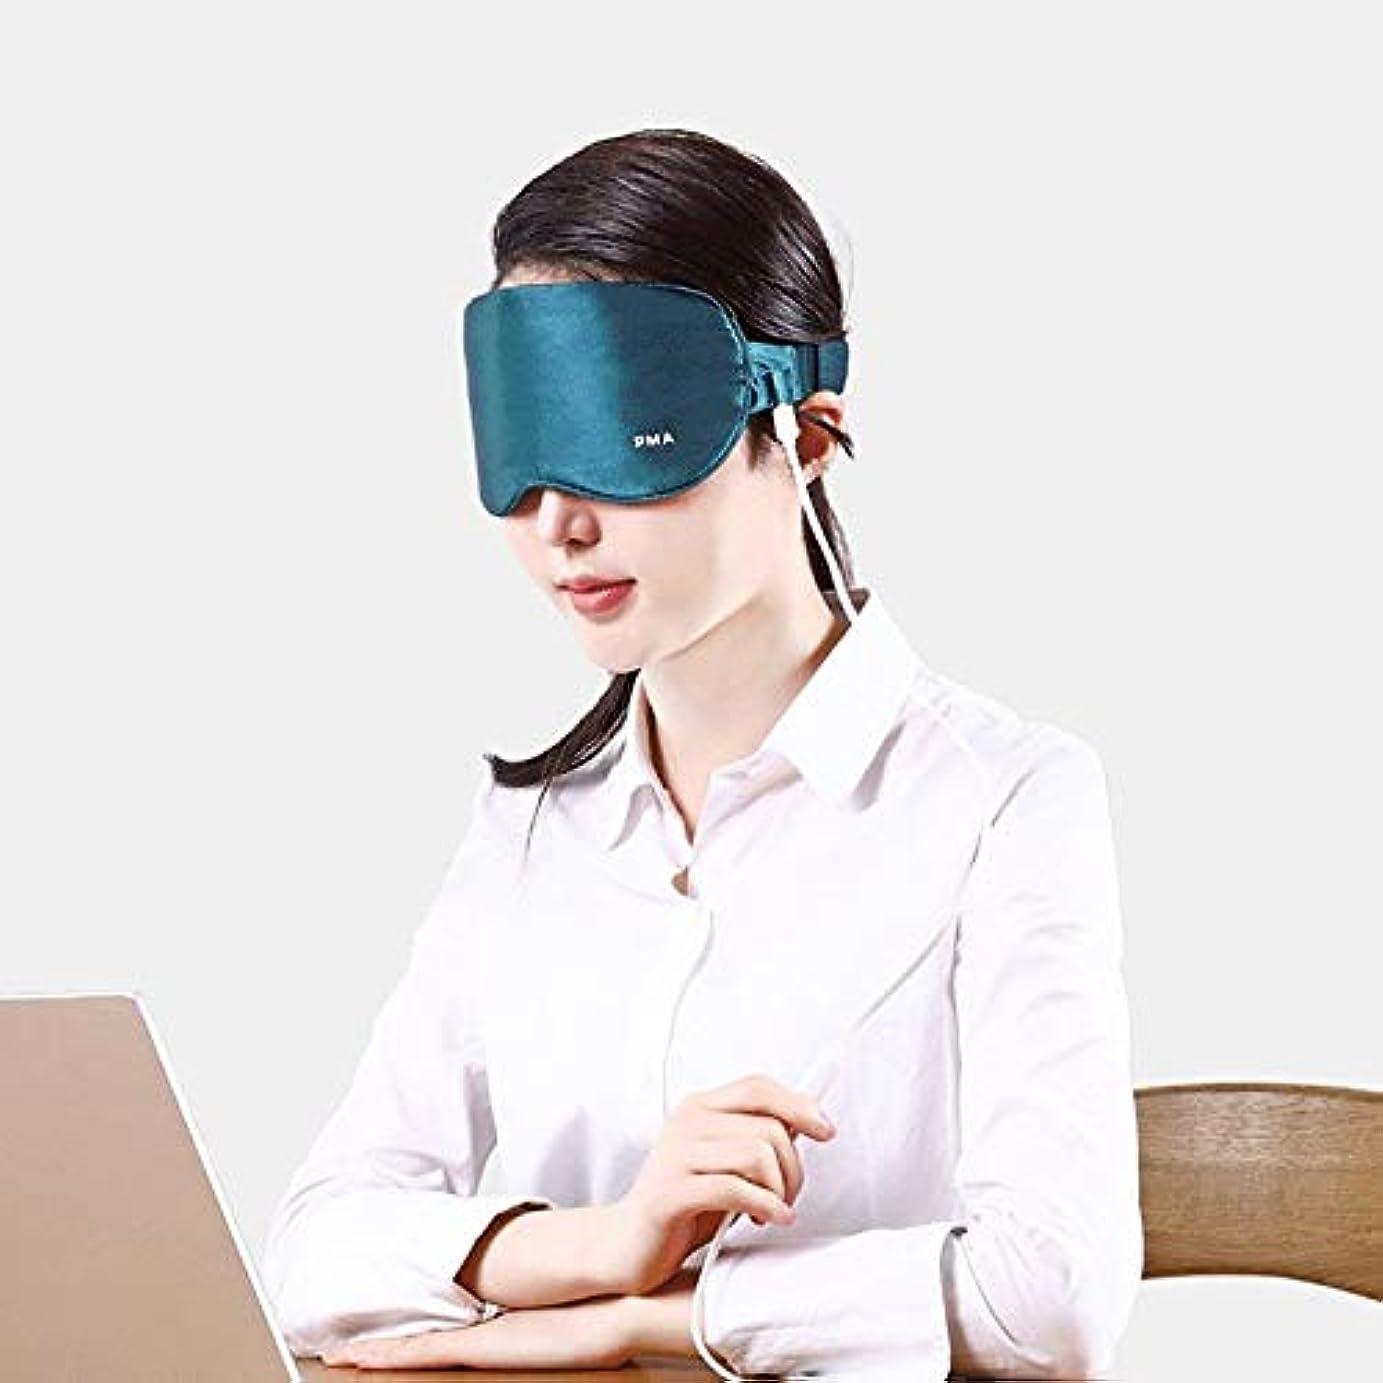 ロマンス欲求不満リズムNOTE 睡眠マスク睡眠アイマスクアイシェードカバーシェードアイパッチ女性男性ソフトポータブル目隠し旅行アイパッチアイケアツール